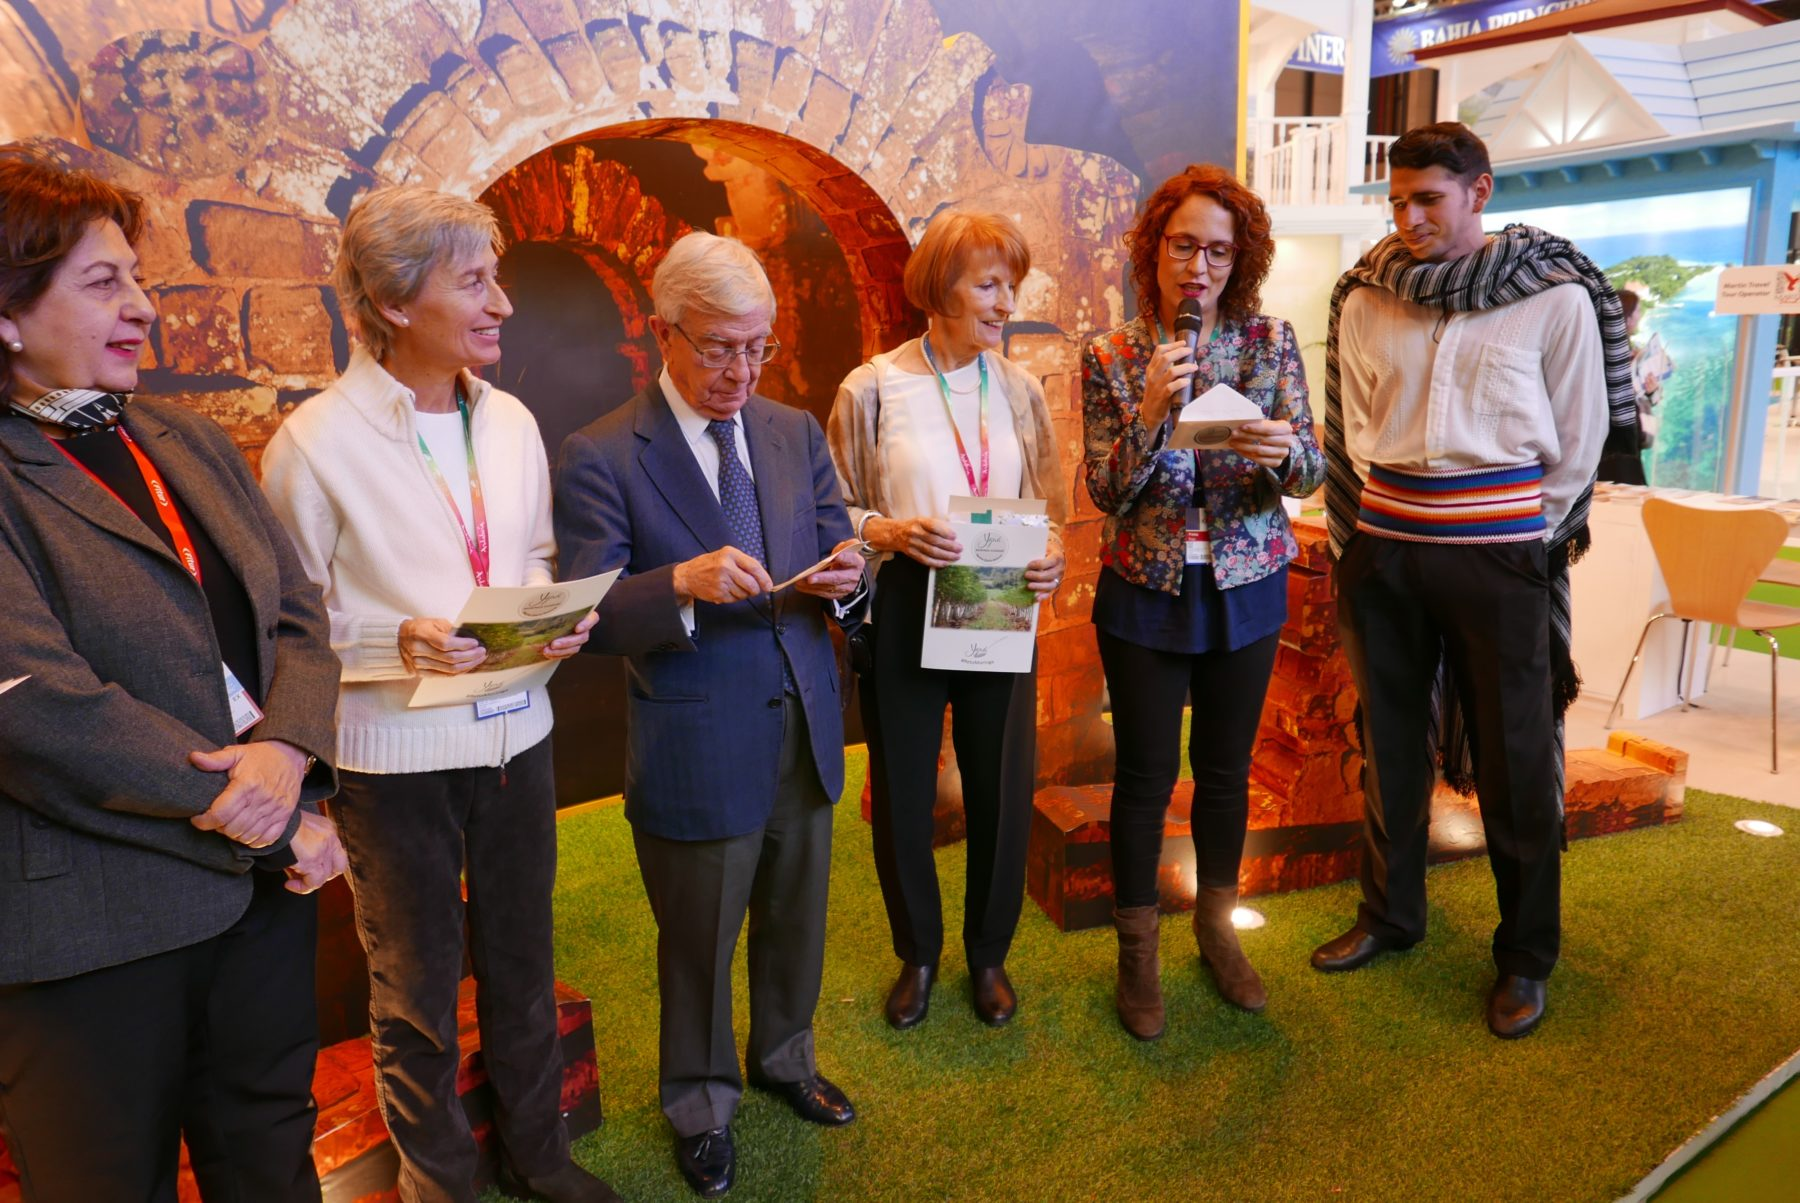 En el marco del Stand de Paraguay en FITUR 2017, representantes de la Secretaría Nacional de Turismo del Paraguay (Senatur), la Academia Iberoamericana de Gastronomía, la Fundación Española de la Nutrición e Yguá Moringa Guaraní anuncian los ganadores del Reto Moringa 2016.